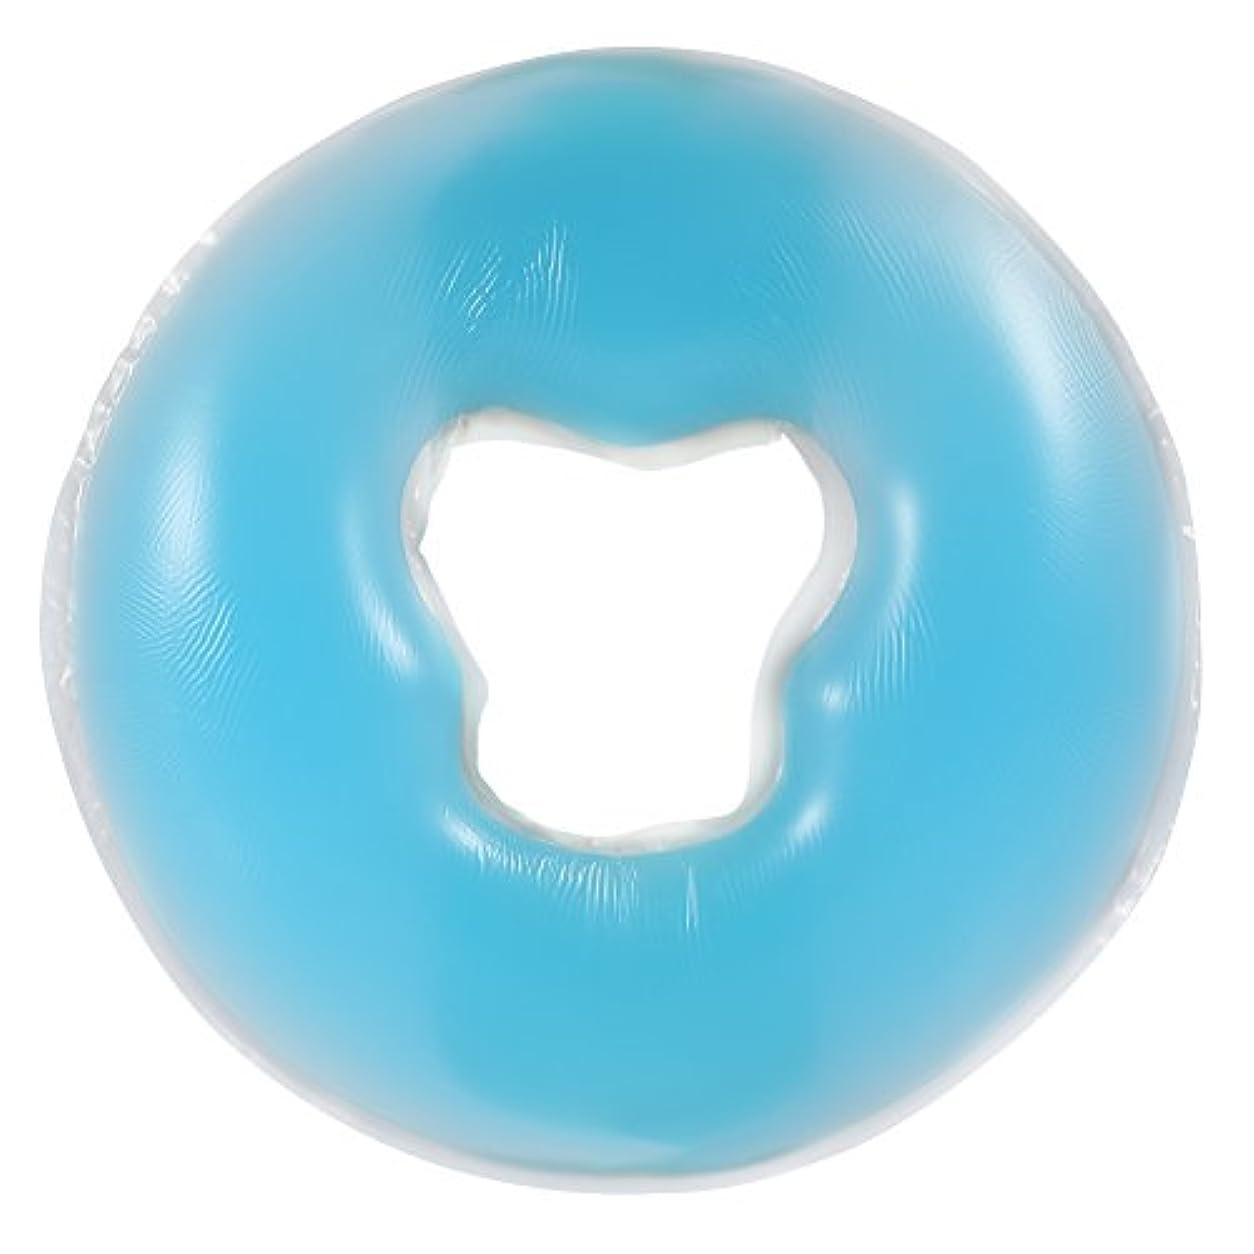 牧師グラディス逆4色シリコンピローマッサージ美容スキンケアソフトオーバーレイフェイスリラックスクレードルクッションパッド(天蓝色)